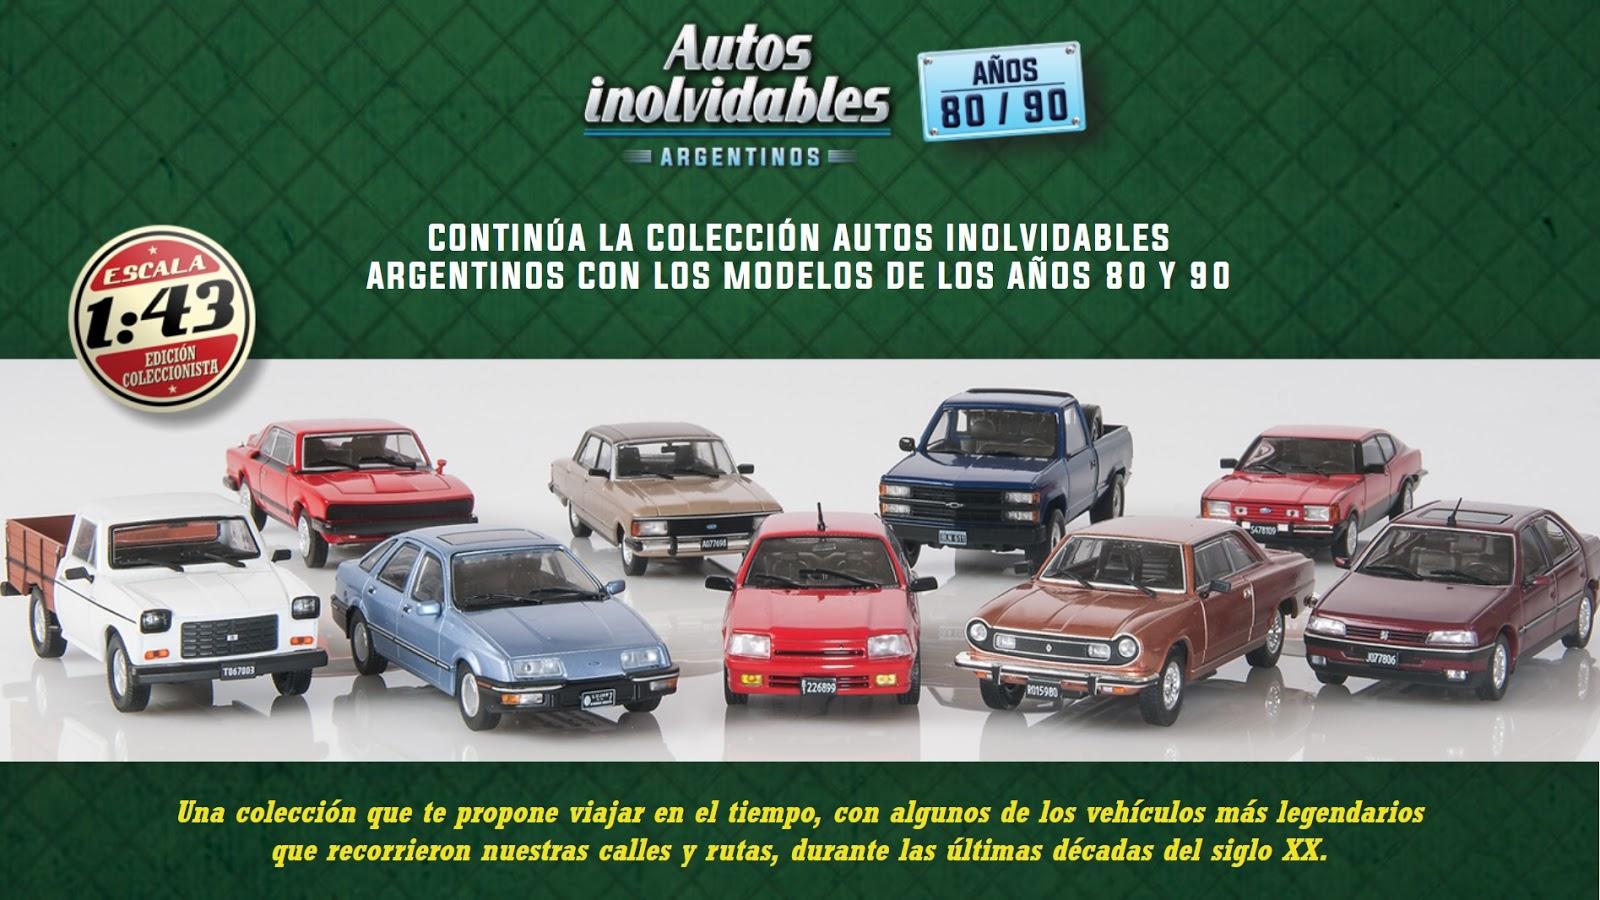 Volkswagen Gacel 1.8 1988 Colección Argentina 80//90 1:43